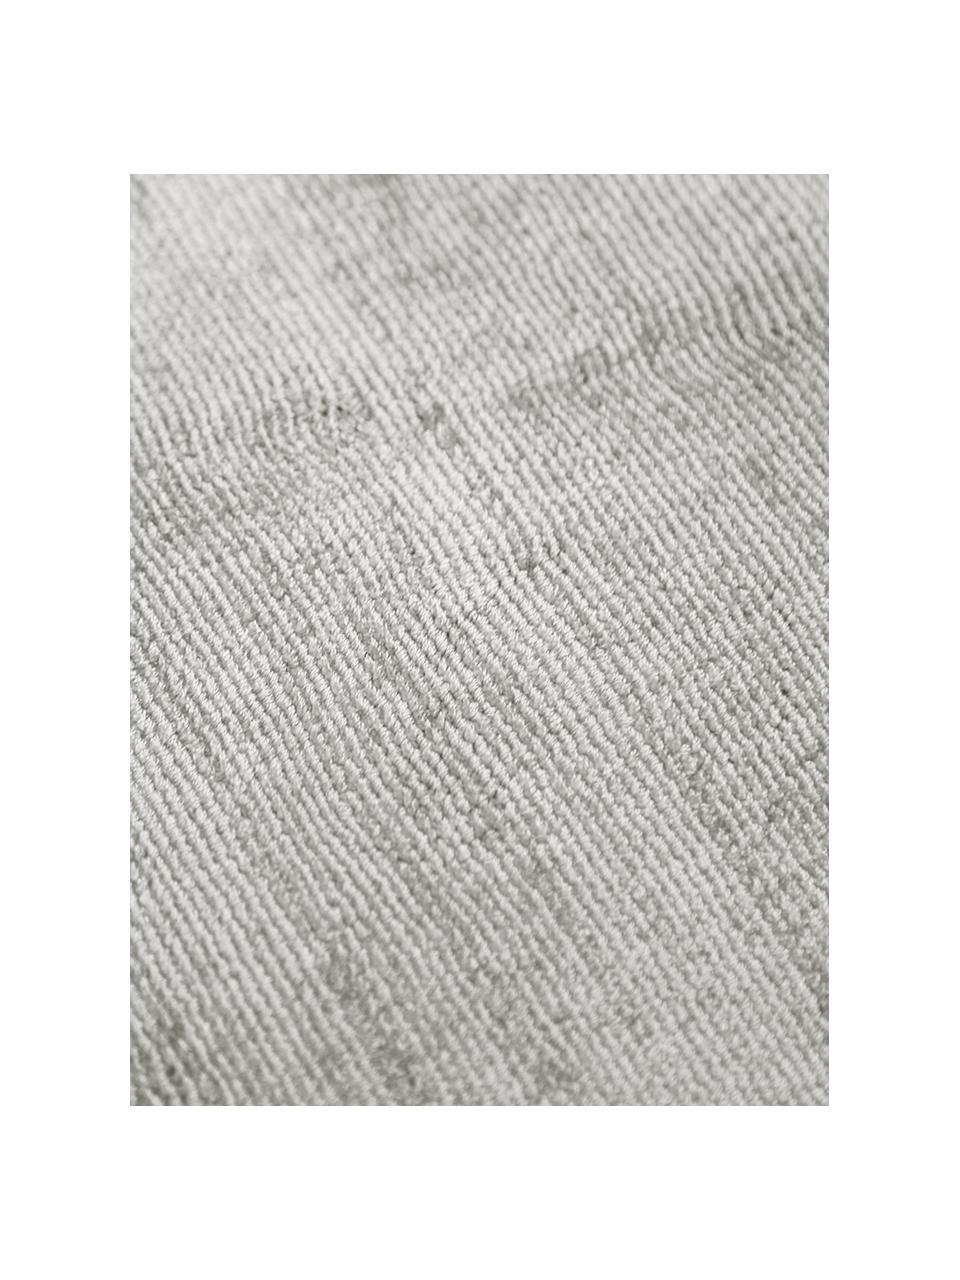 Handgeweven viscose vloerkleed Jane in lichtgrijs-beige, Bovenzijde: 100% viscose, Onderzijde: 100% katoen, Lichtgrijs-beige, B 120 x L 180 cm (maat S)